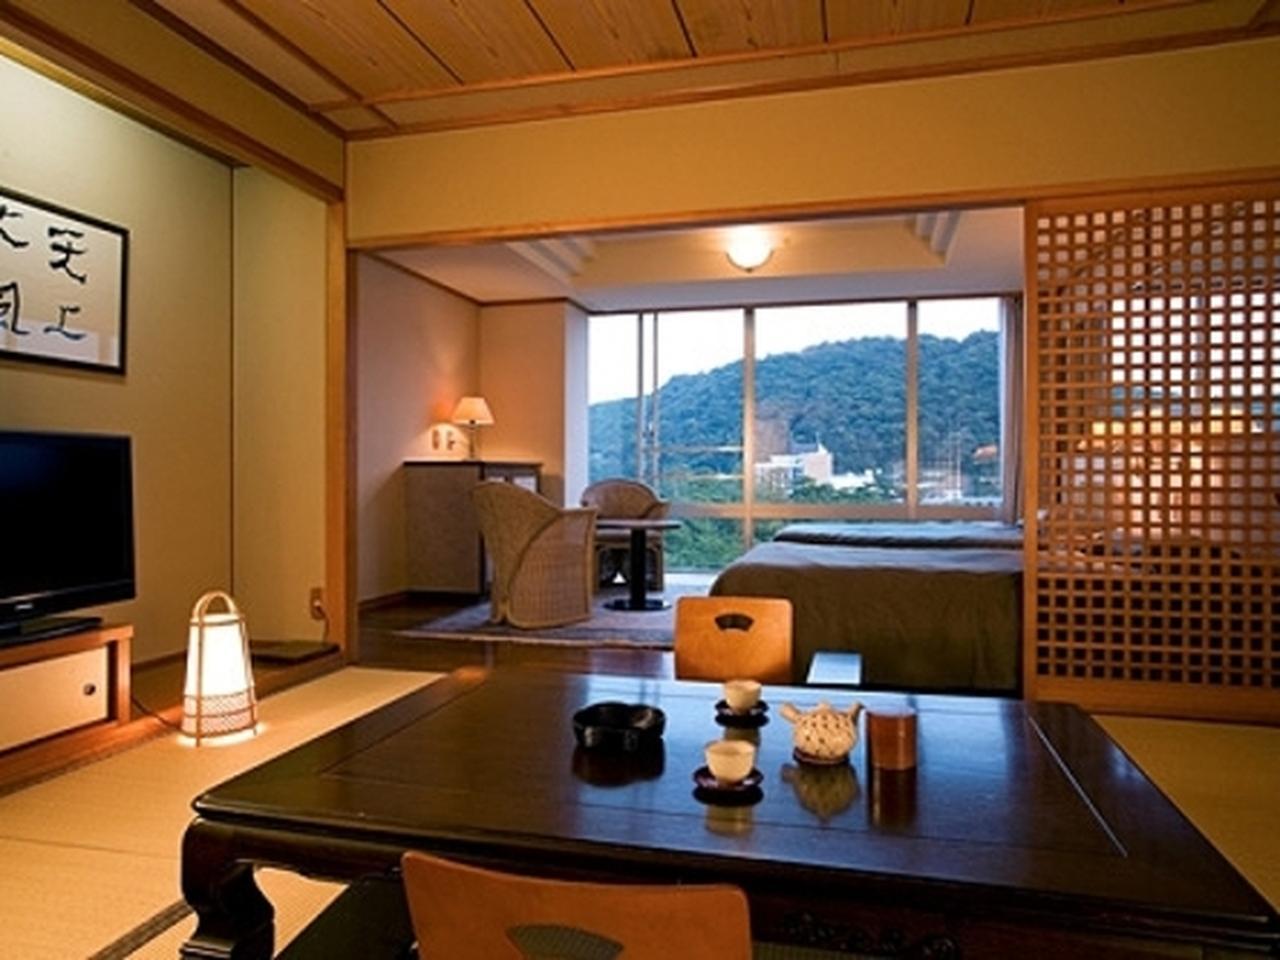 画像: 淡路島洲本温泉 海月舘 travel.rakuten.co.jp